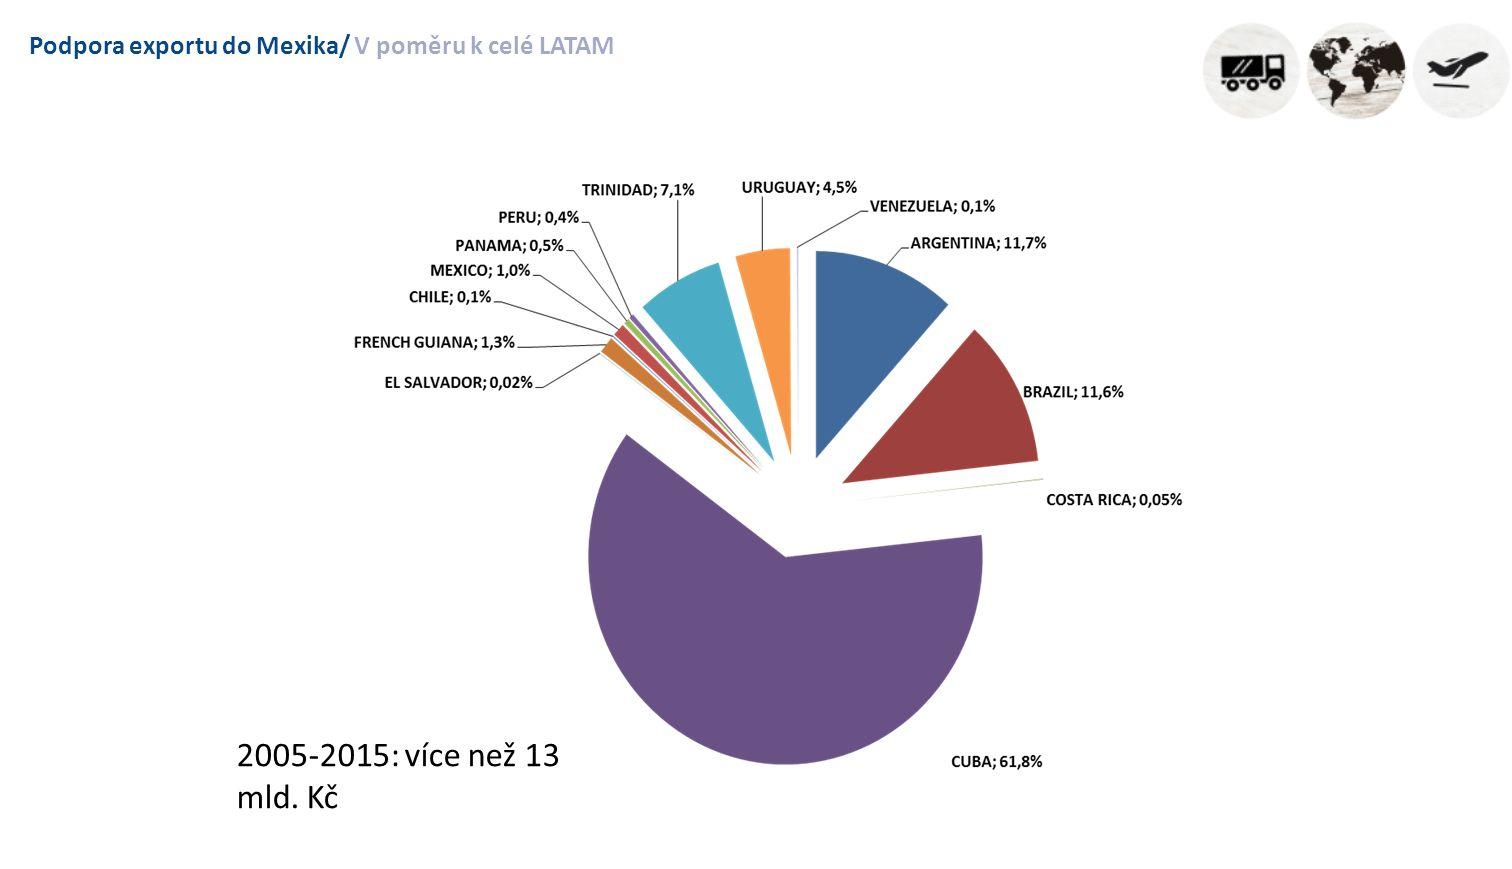 Podpora exportu do Mexika/V poměru k celé LATAM 2005-2015: více než 13 mld. Kč